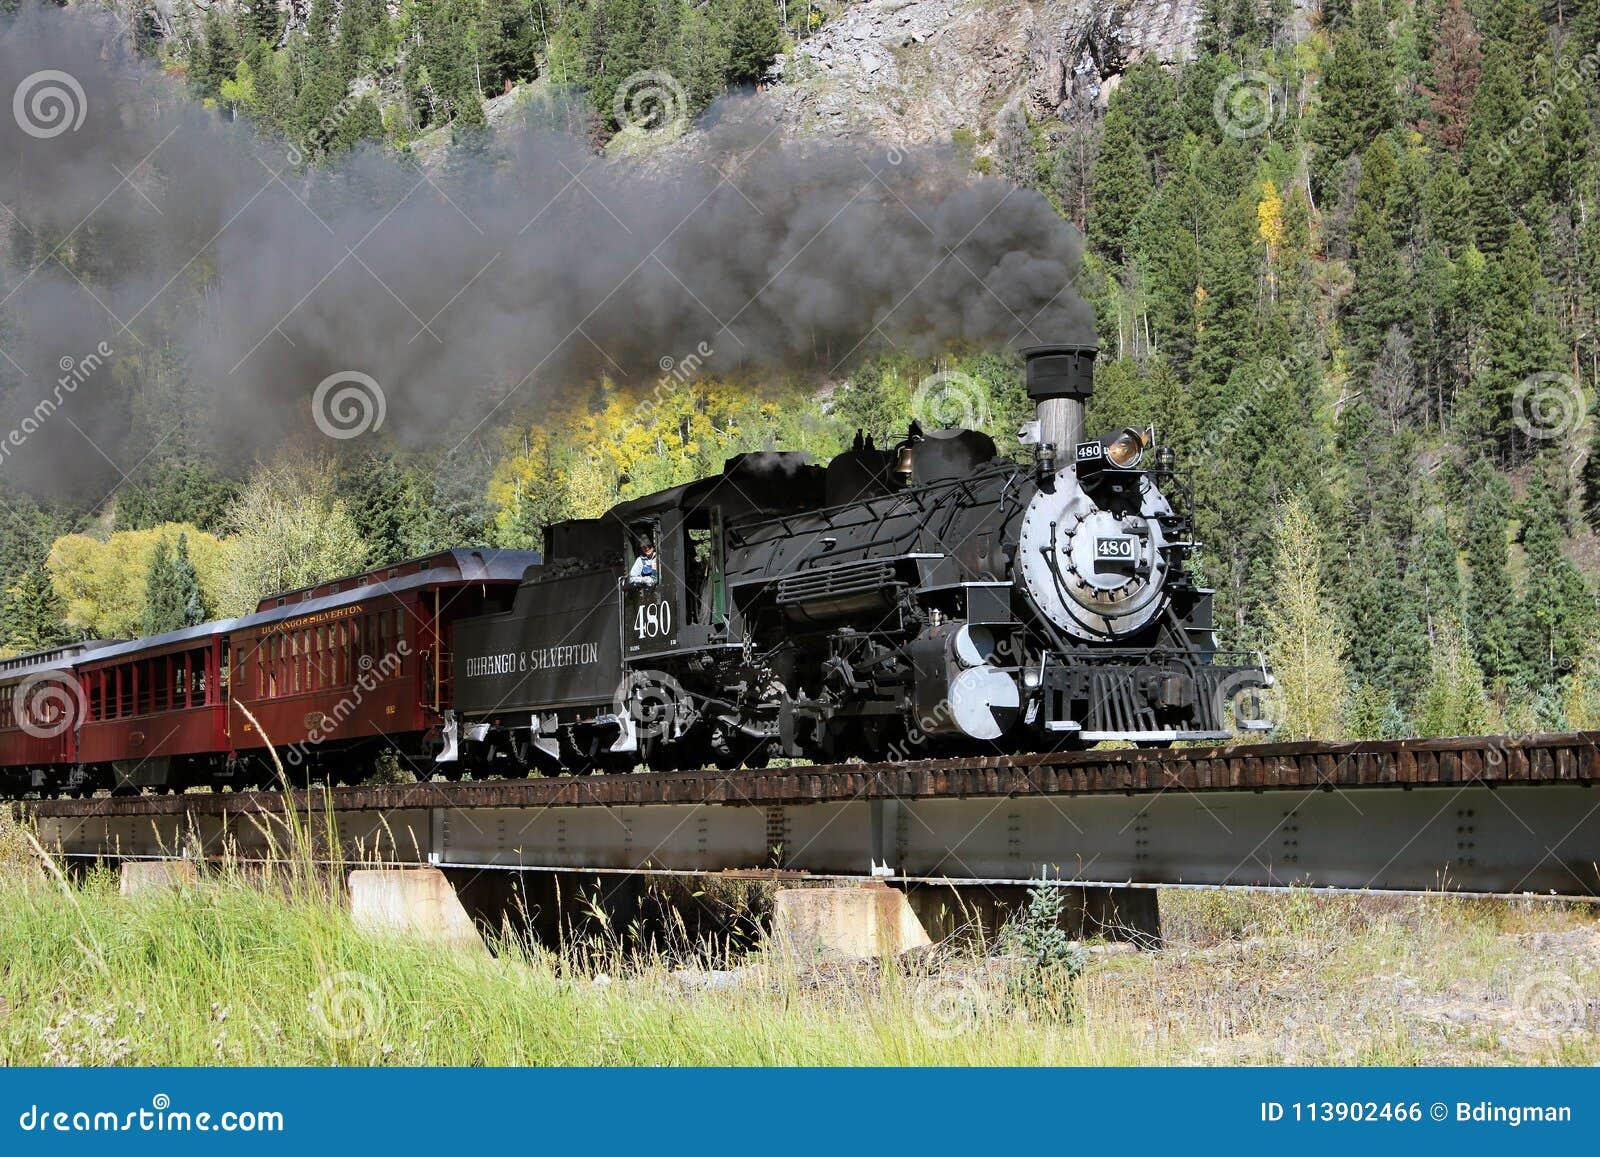 Durango e ferrovia del calibro stretto di silverton for Noleggio di durango cabinado colorado